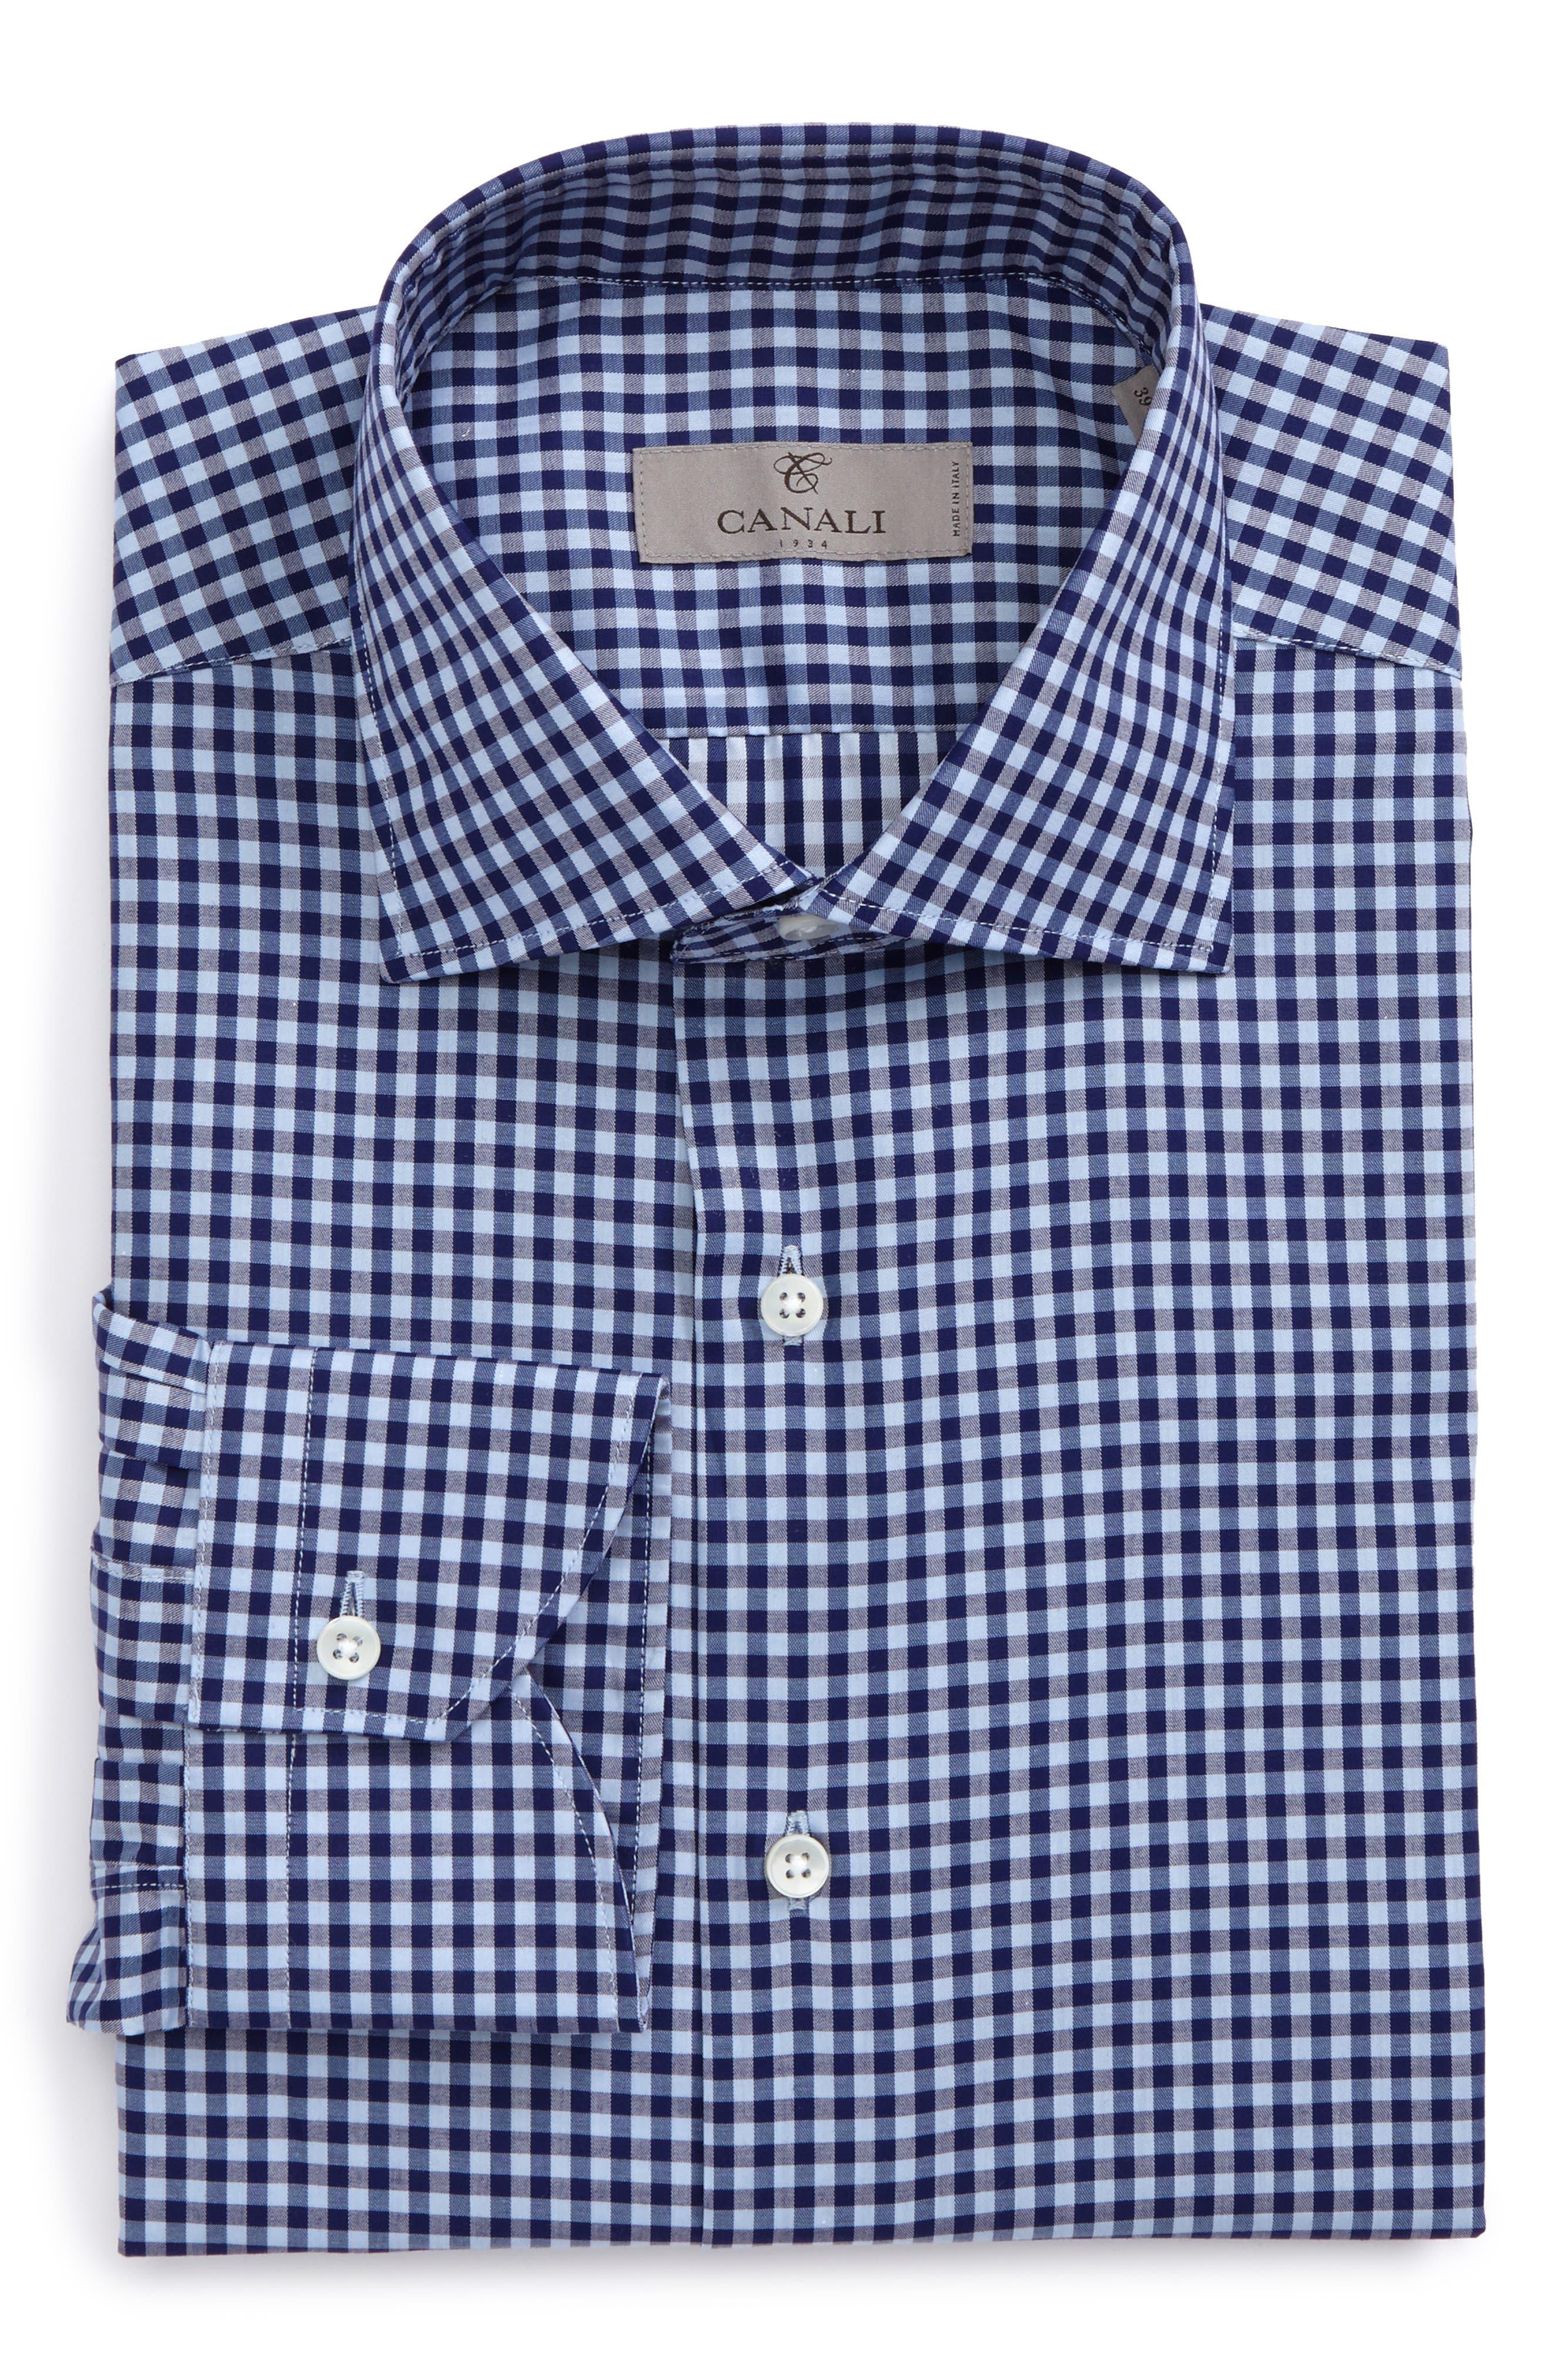 Regular Fit Check Dress Shirt,                             Main thumbnail 1, color,                             400